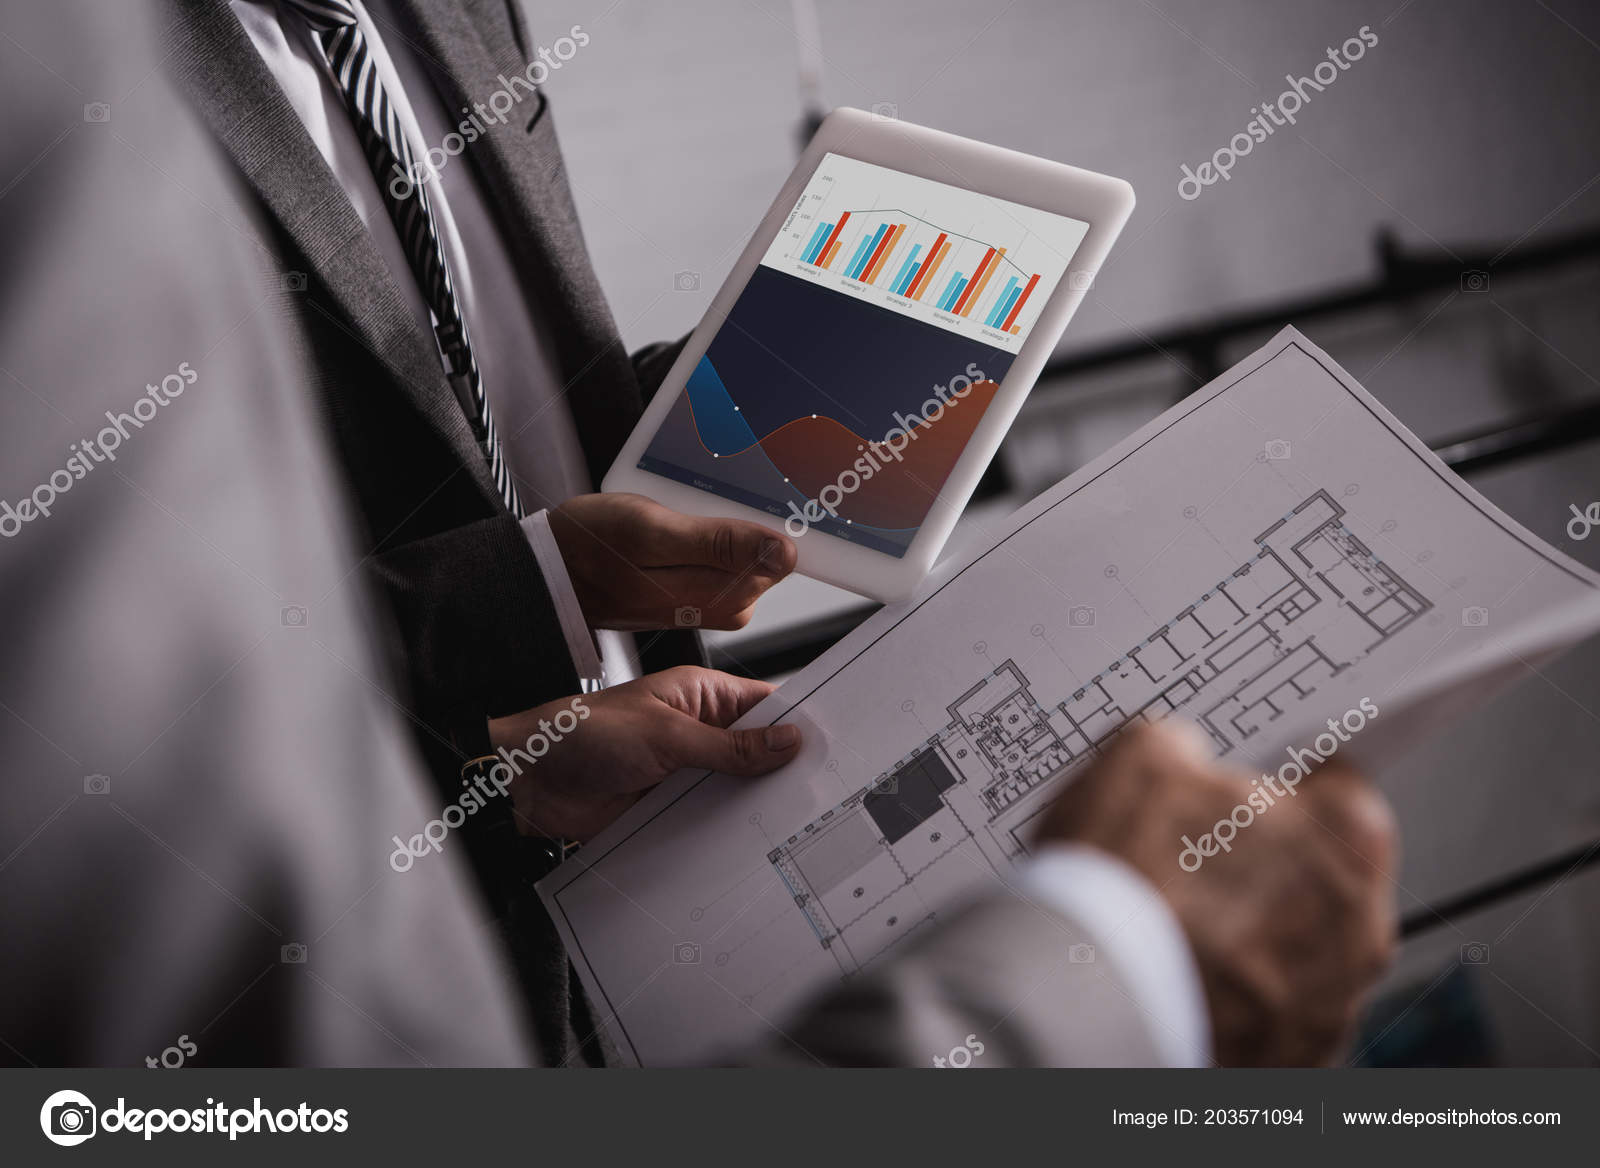 Cropped view engineers blueprint digital tablet graphs screen cropped view engineers blueprint digital tablet graphs screen stock photo malvernweather Gallery